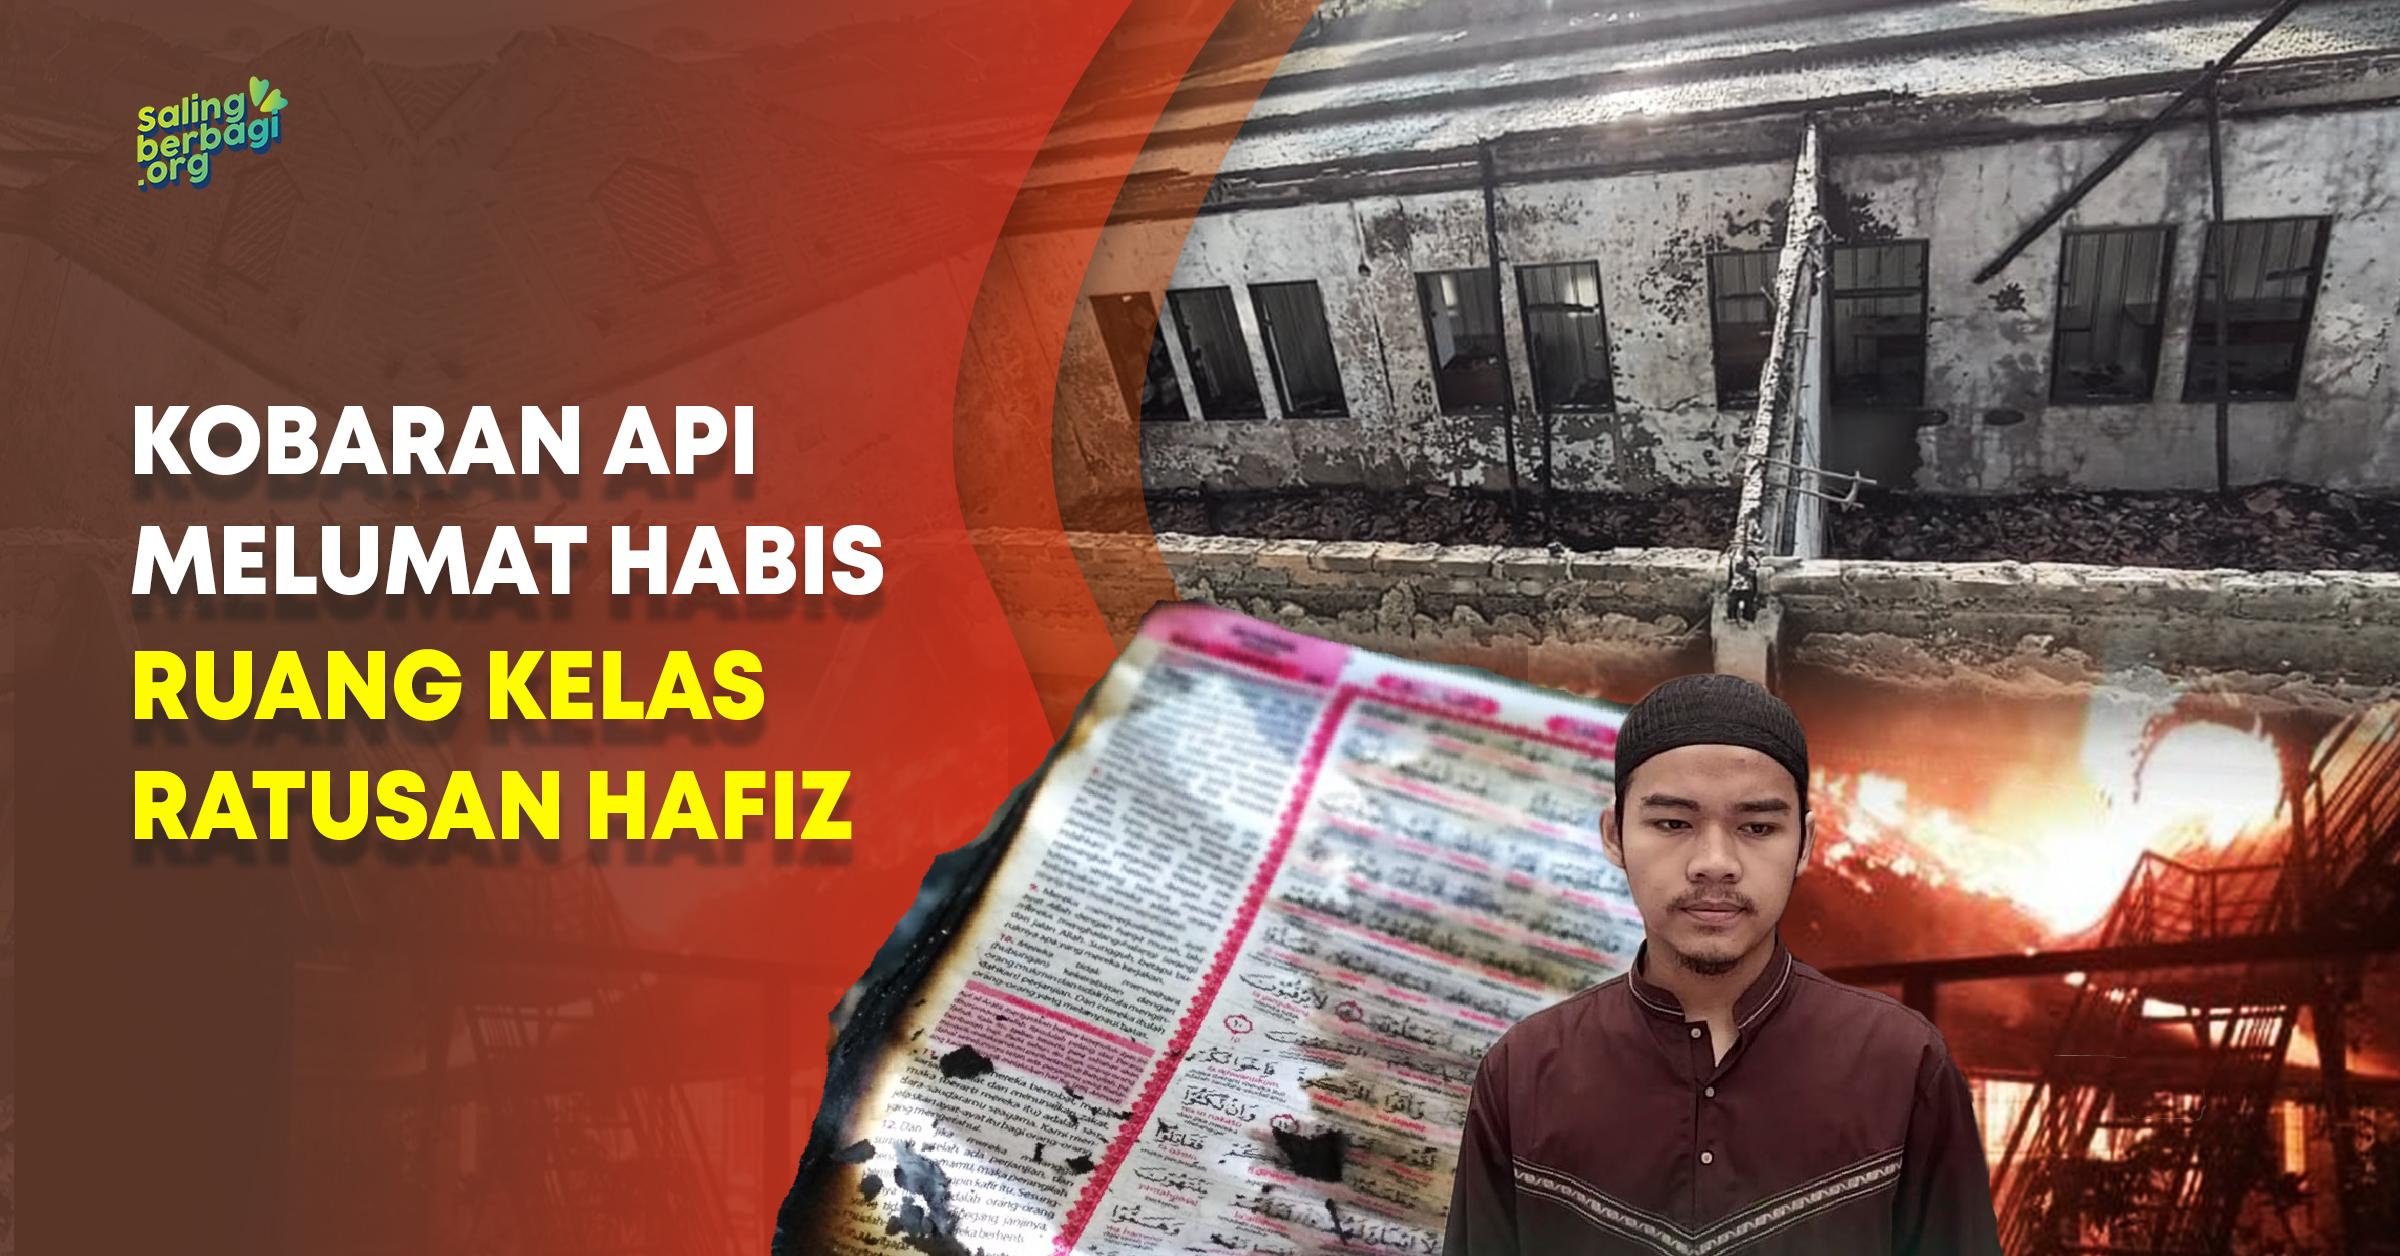 Bangun Kembali Ruang Kelas Santri Qur'an yang Hangus Terbakar!